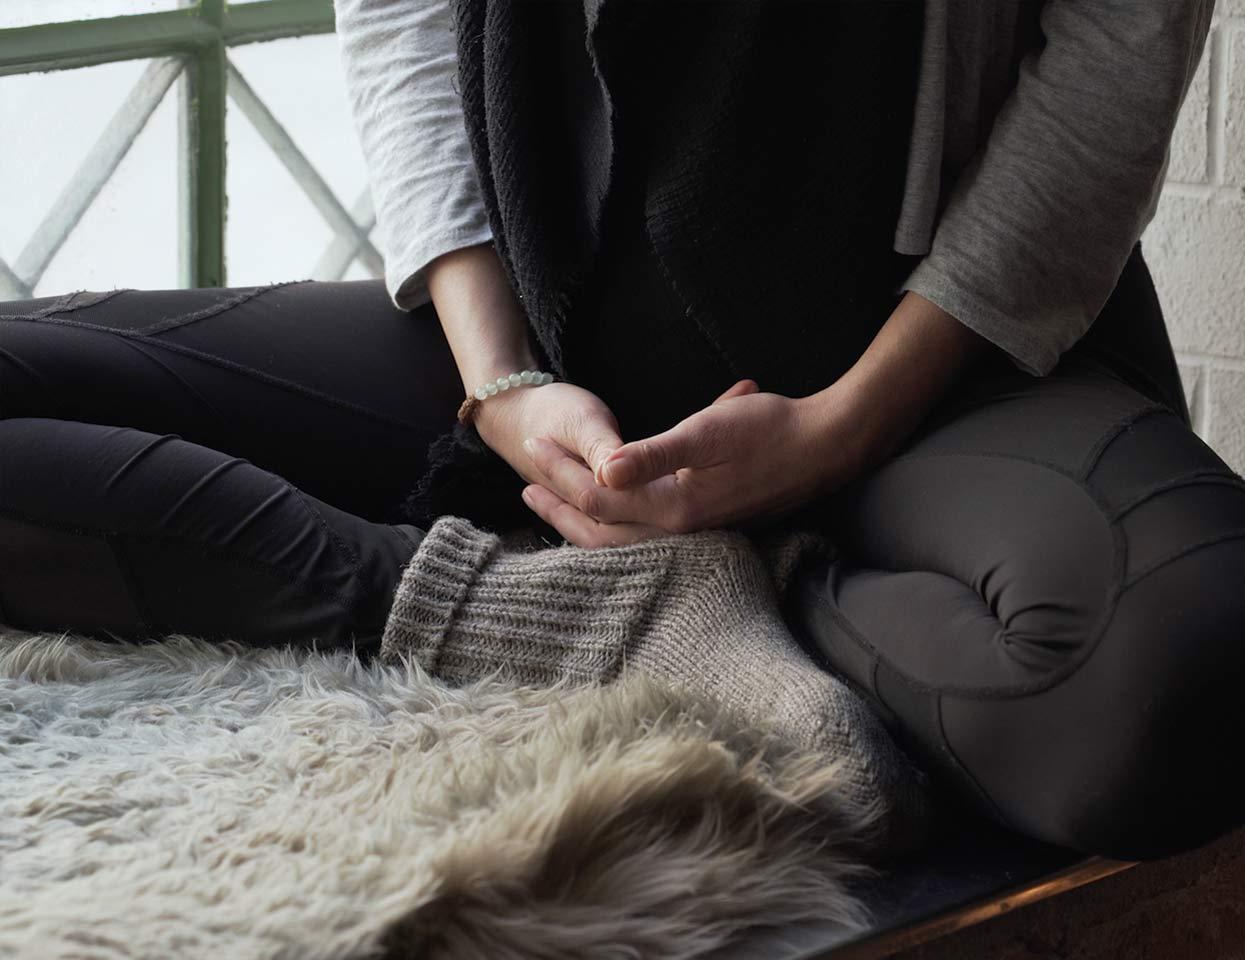 Eine Frau meditierend im Schneidersitz.